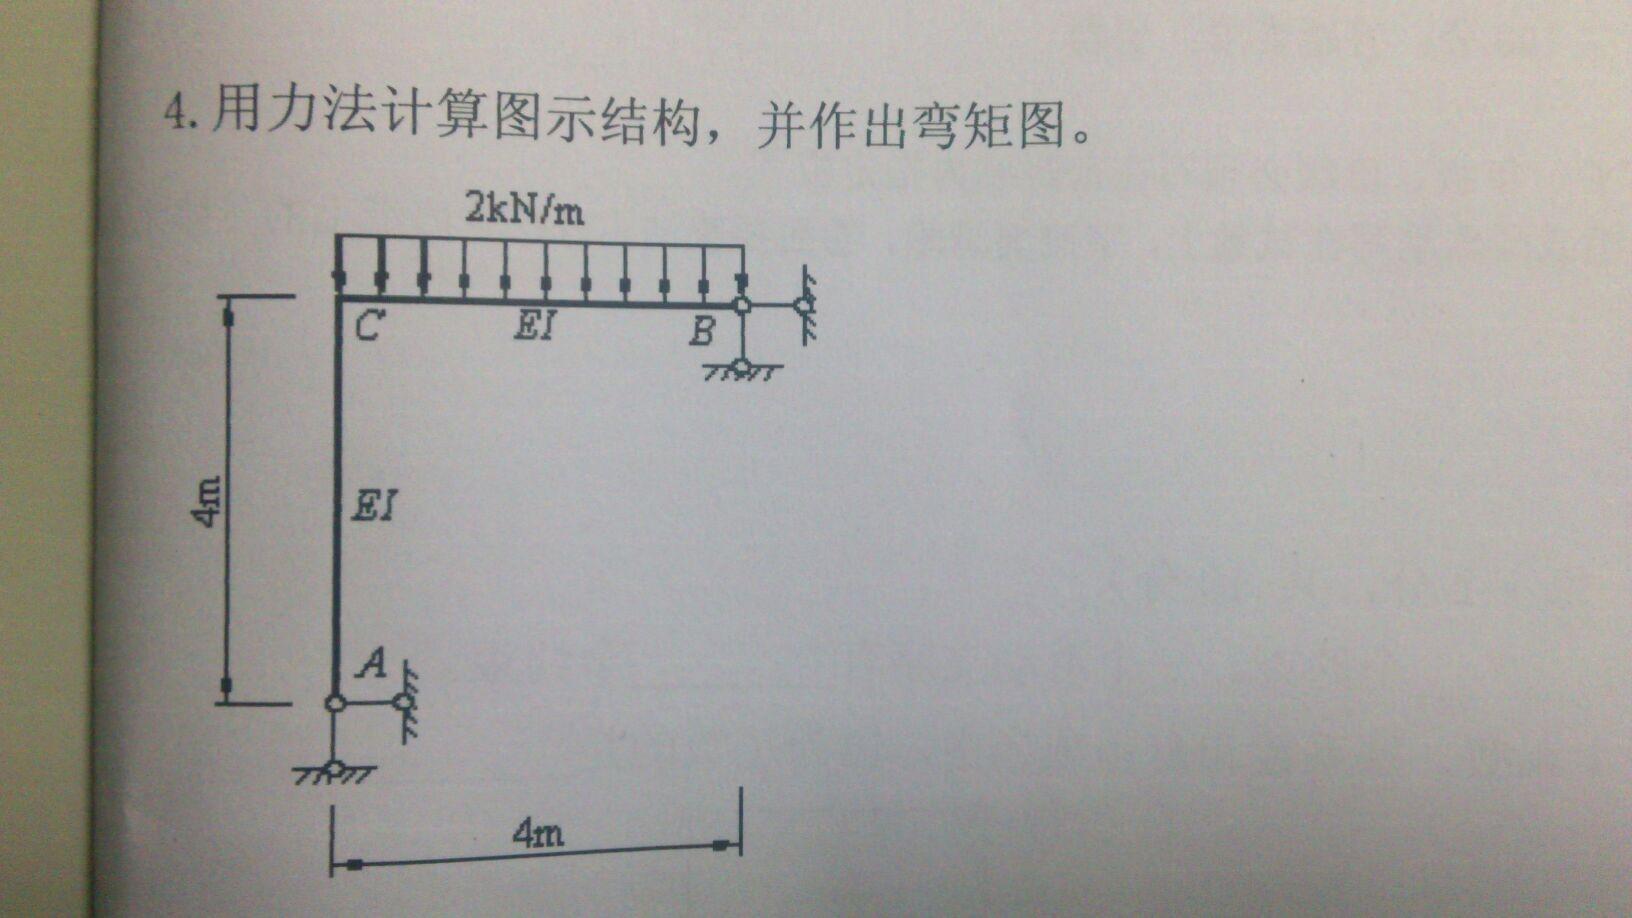 结构力学求出如图所示钢架的弯矩图